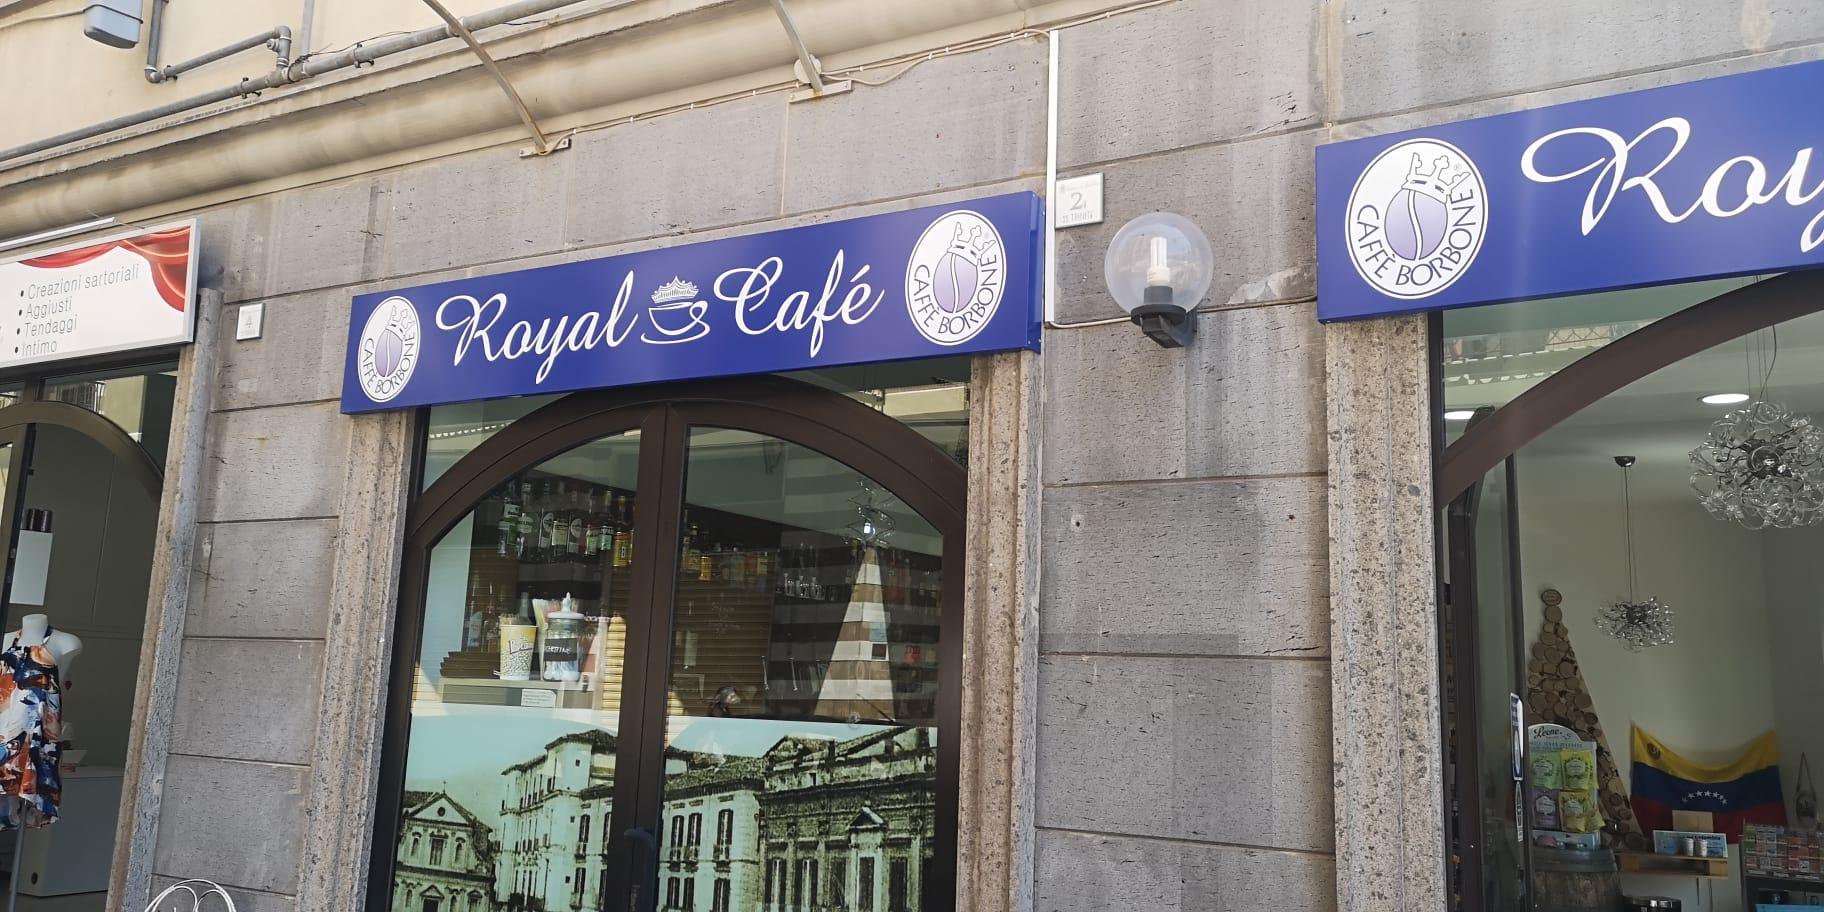 Avellino  Tenta di introdursi nel Royal Cafè, 27enne arrestato dai carabinieri